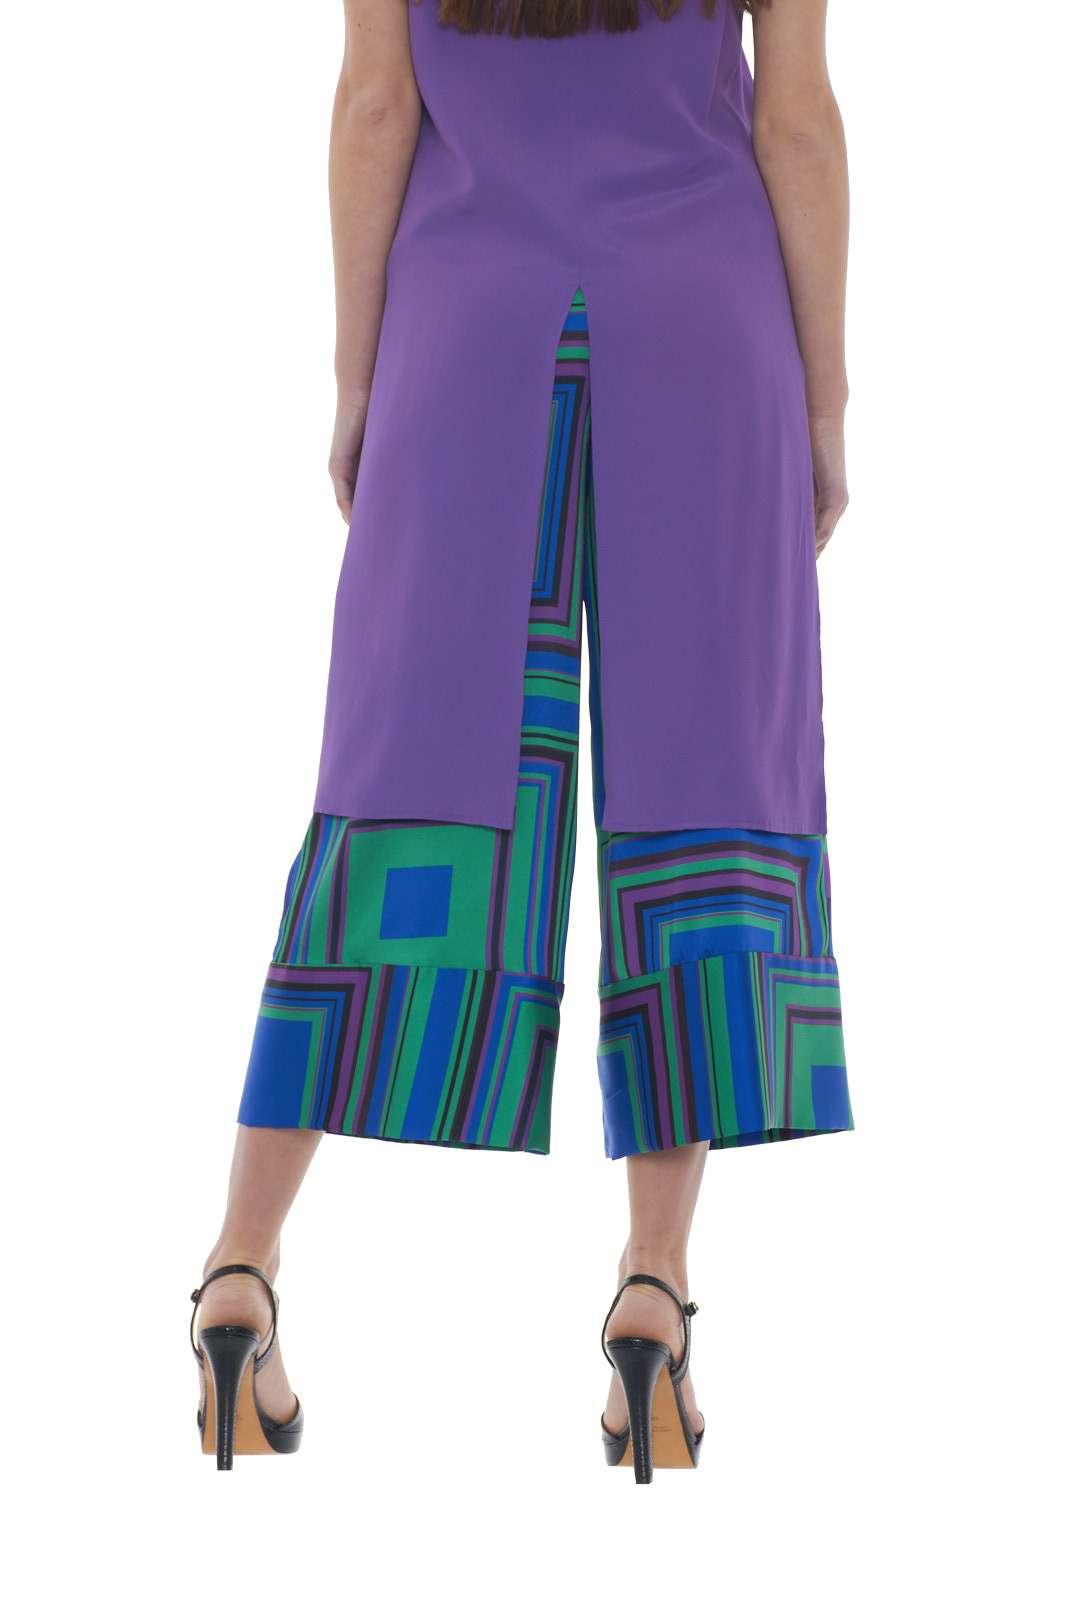 https://www.parmax.com/media/catalog/product/a/i/PE-outlet_parmax-pantaloni-donna-Mem-pa129v02-C.jpg